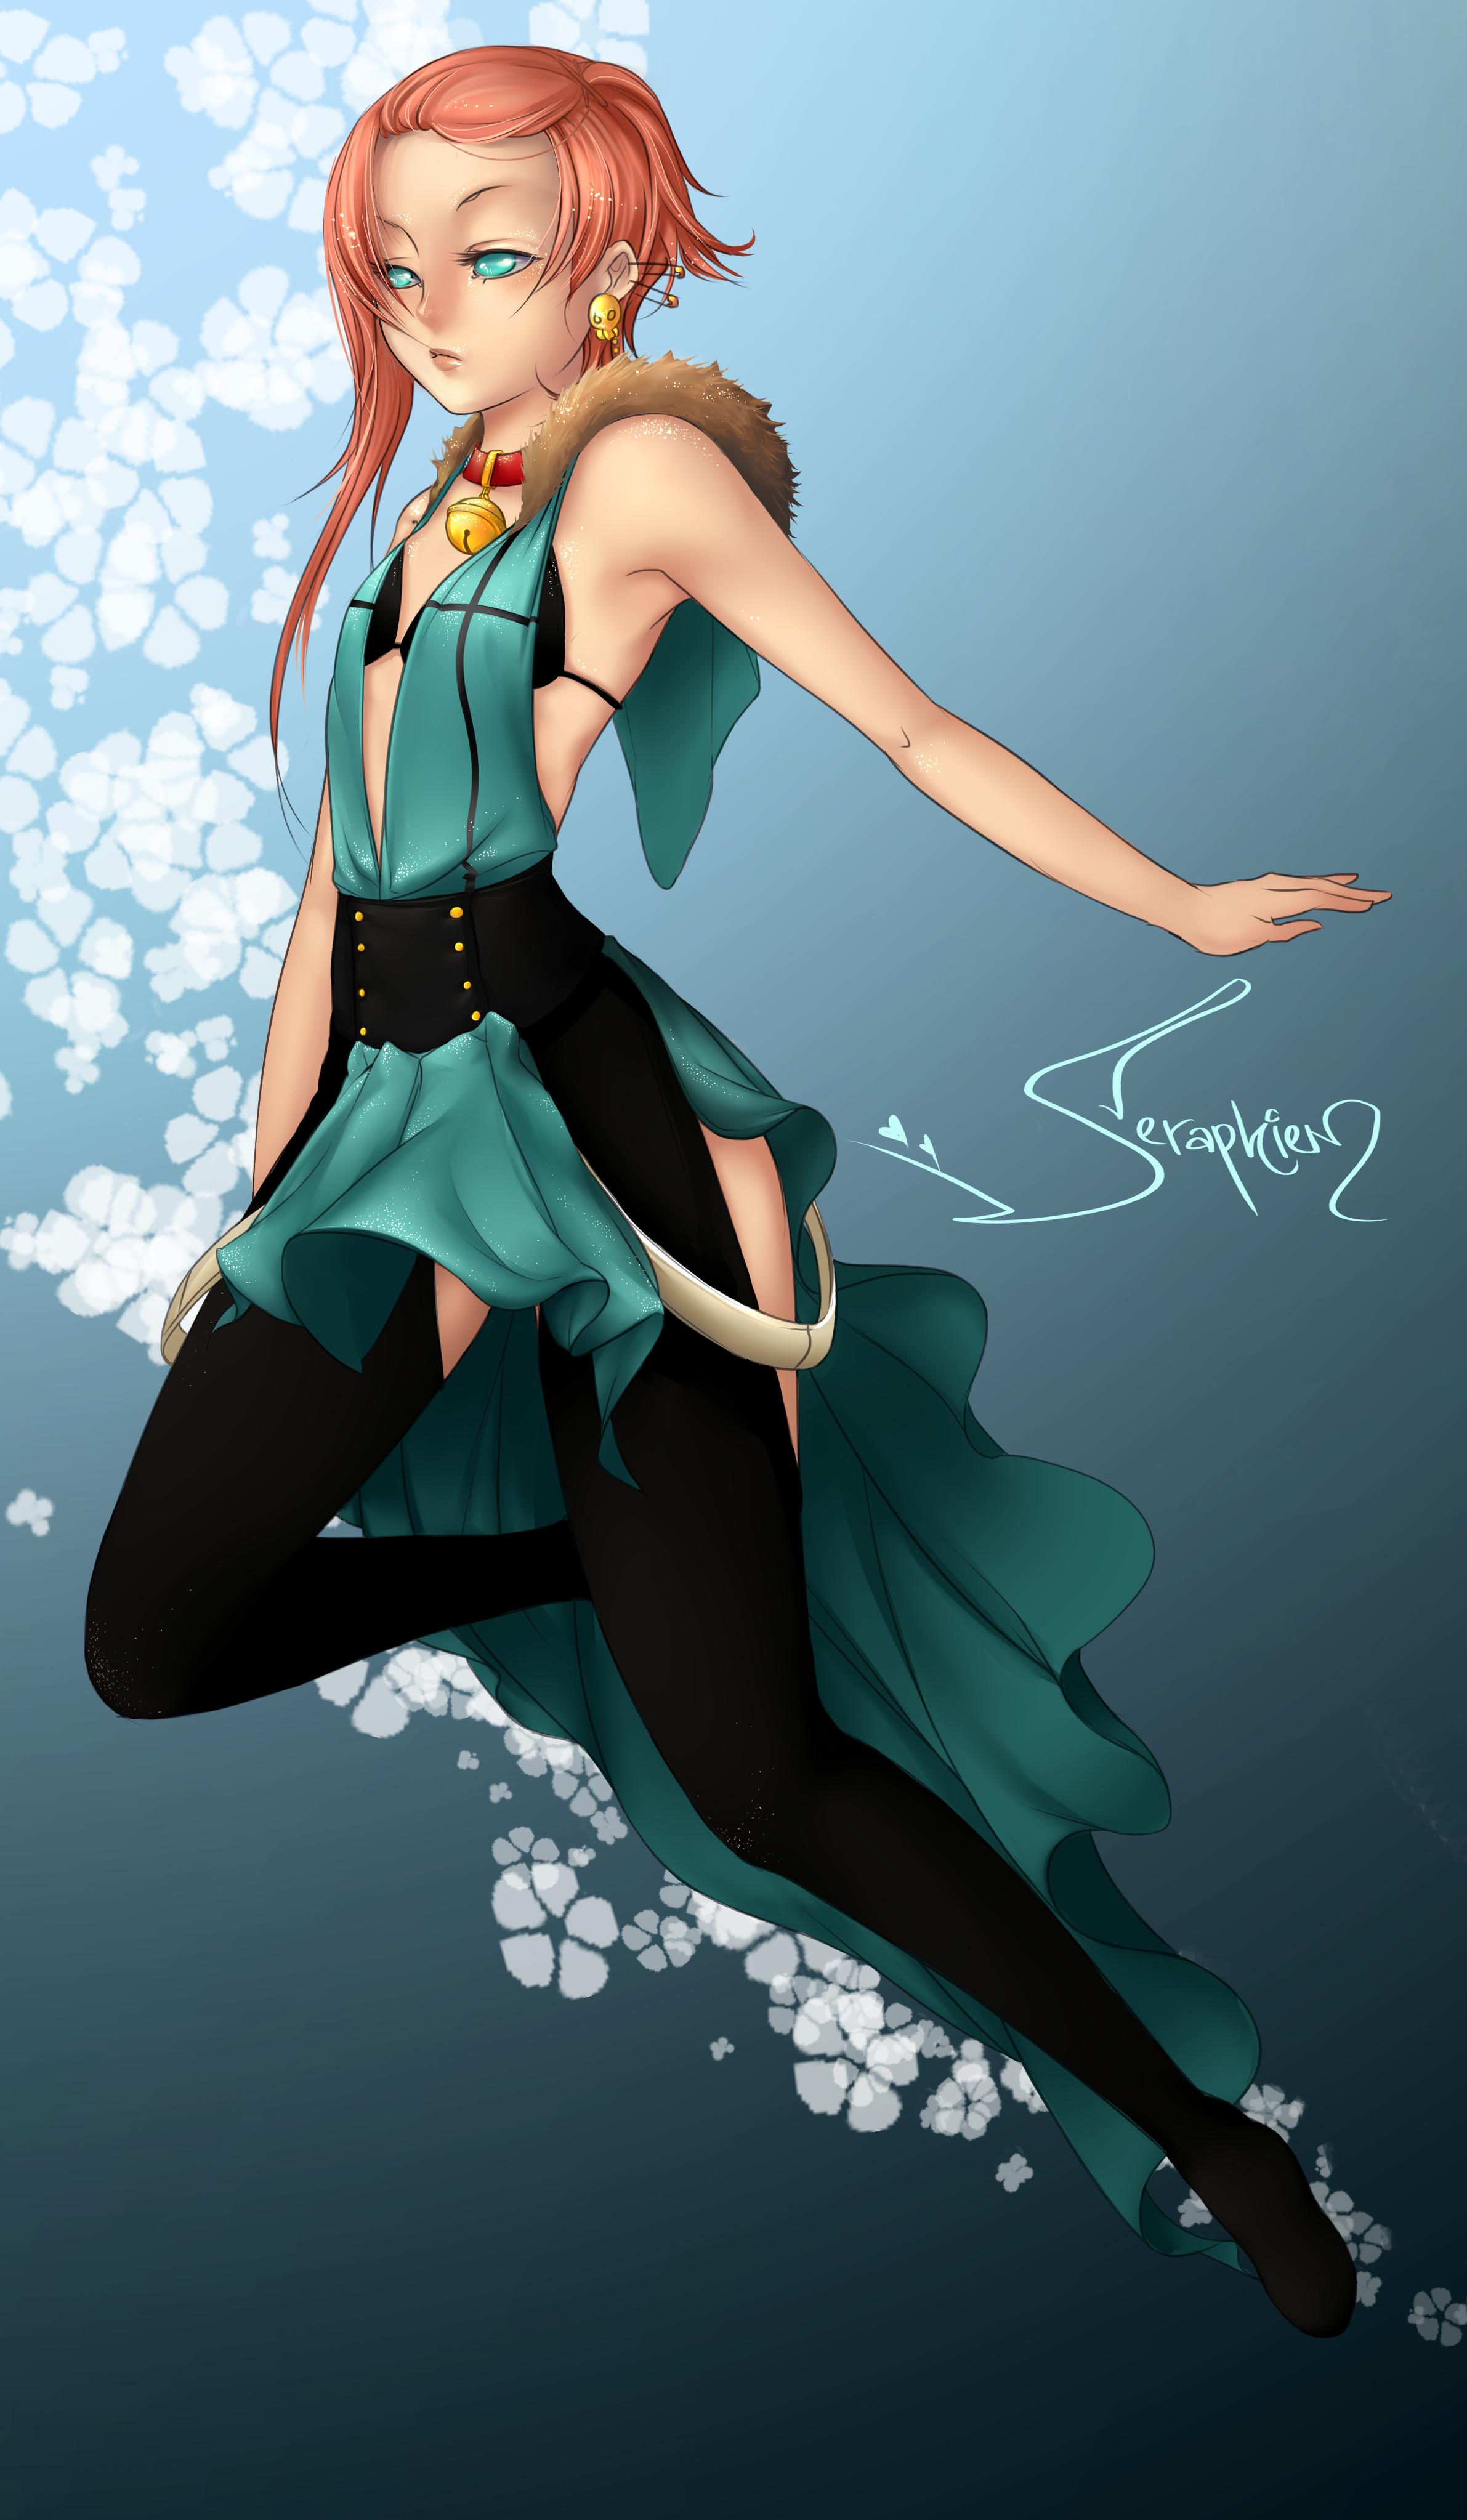 Seraphiem